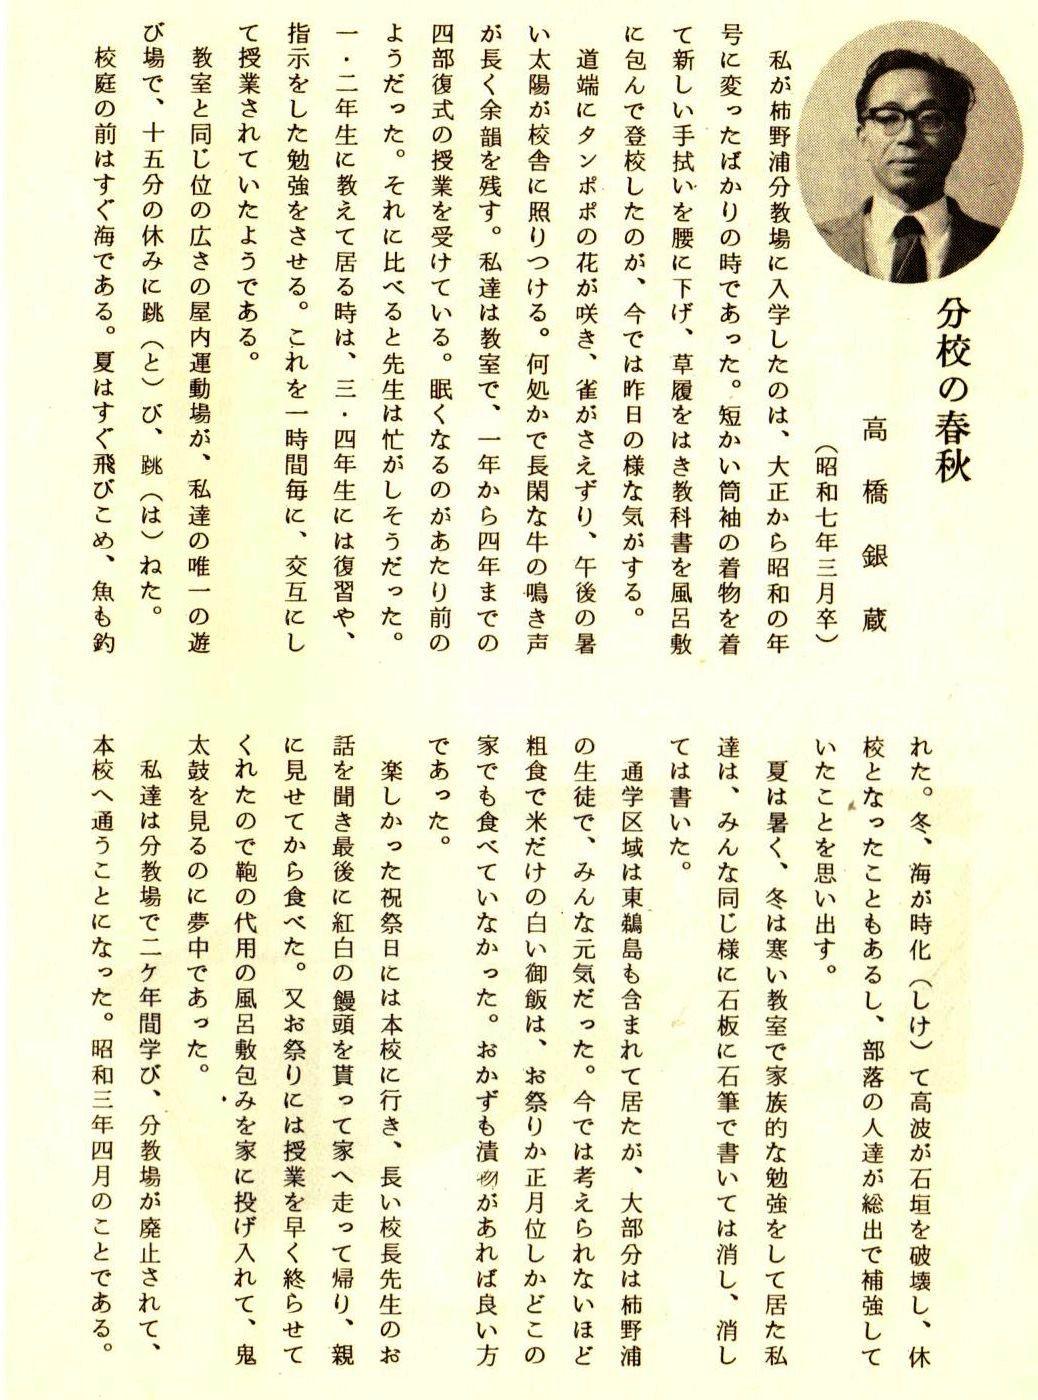 たか高橋銀蔵 岩首校百年誌(昭和55年) (2)